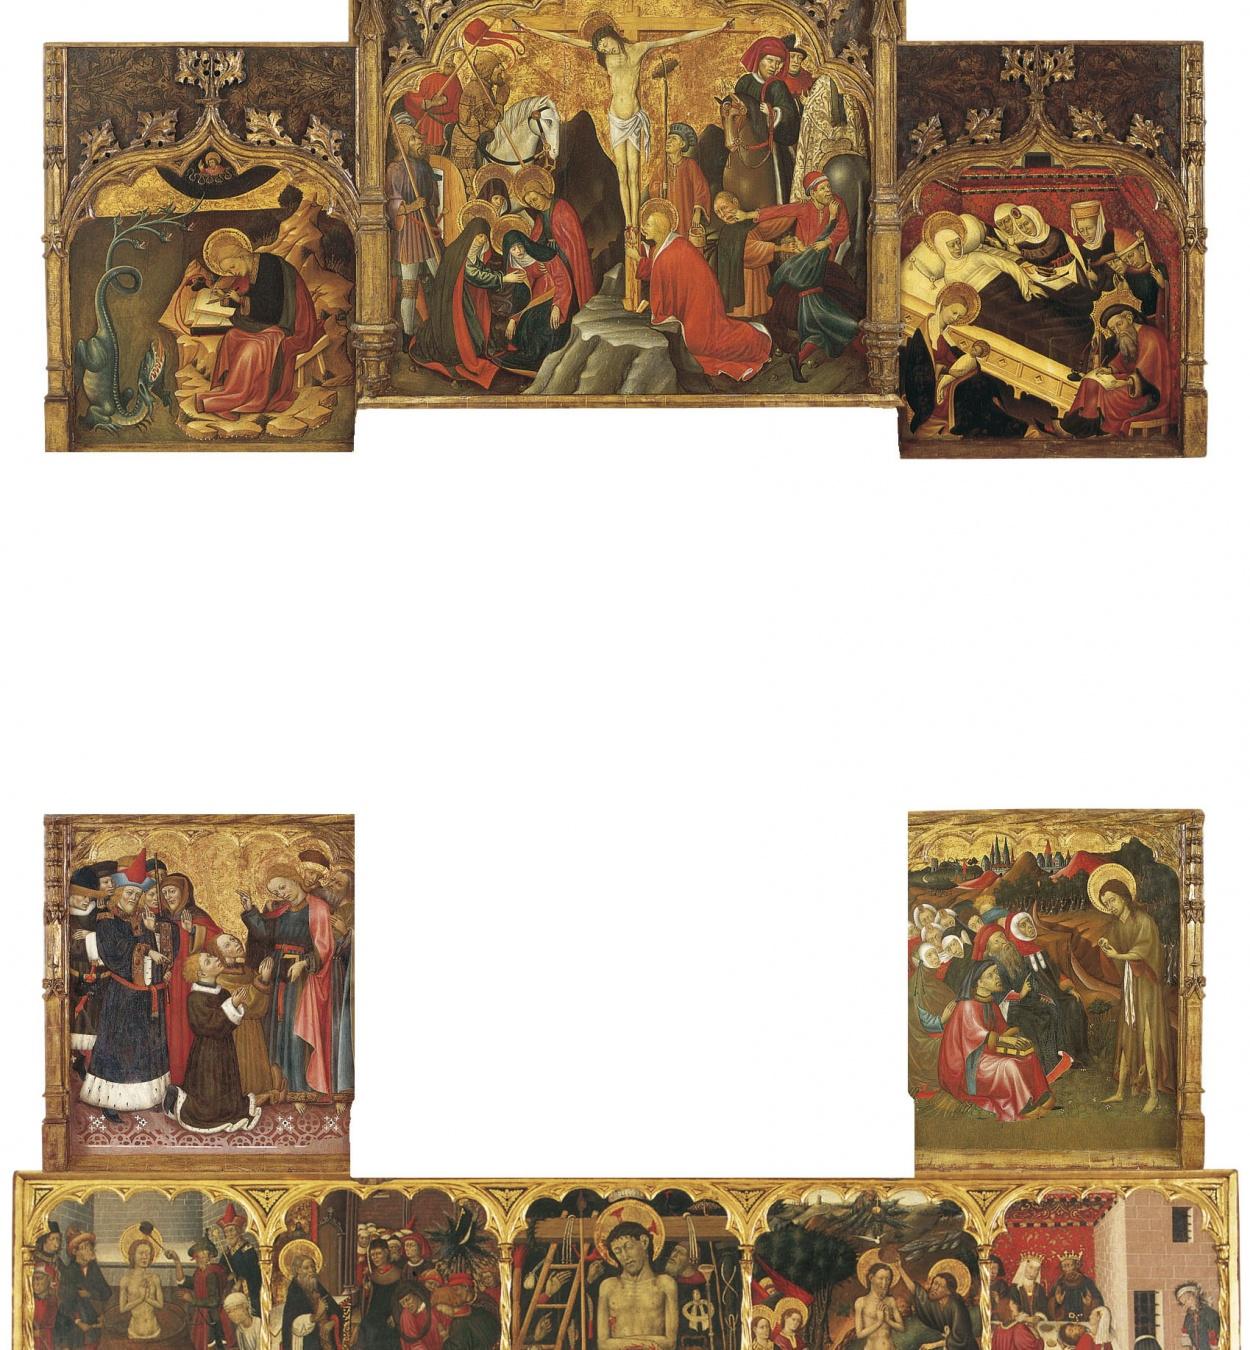 Bernat Martorell - Retaule dels sants Joans - Cap a 1435-1445